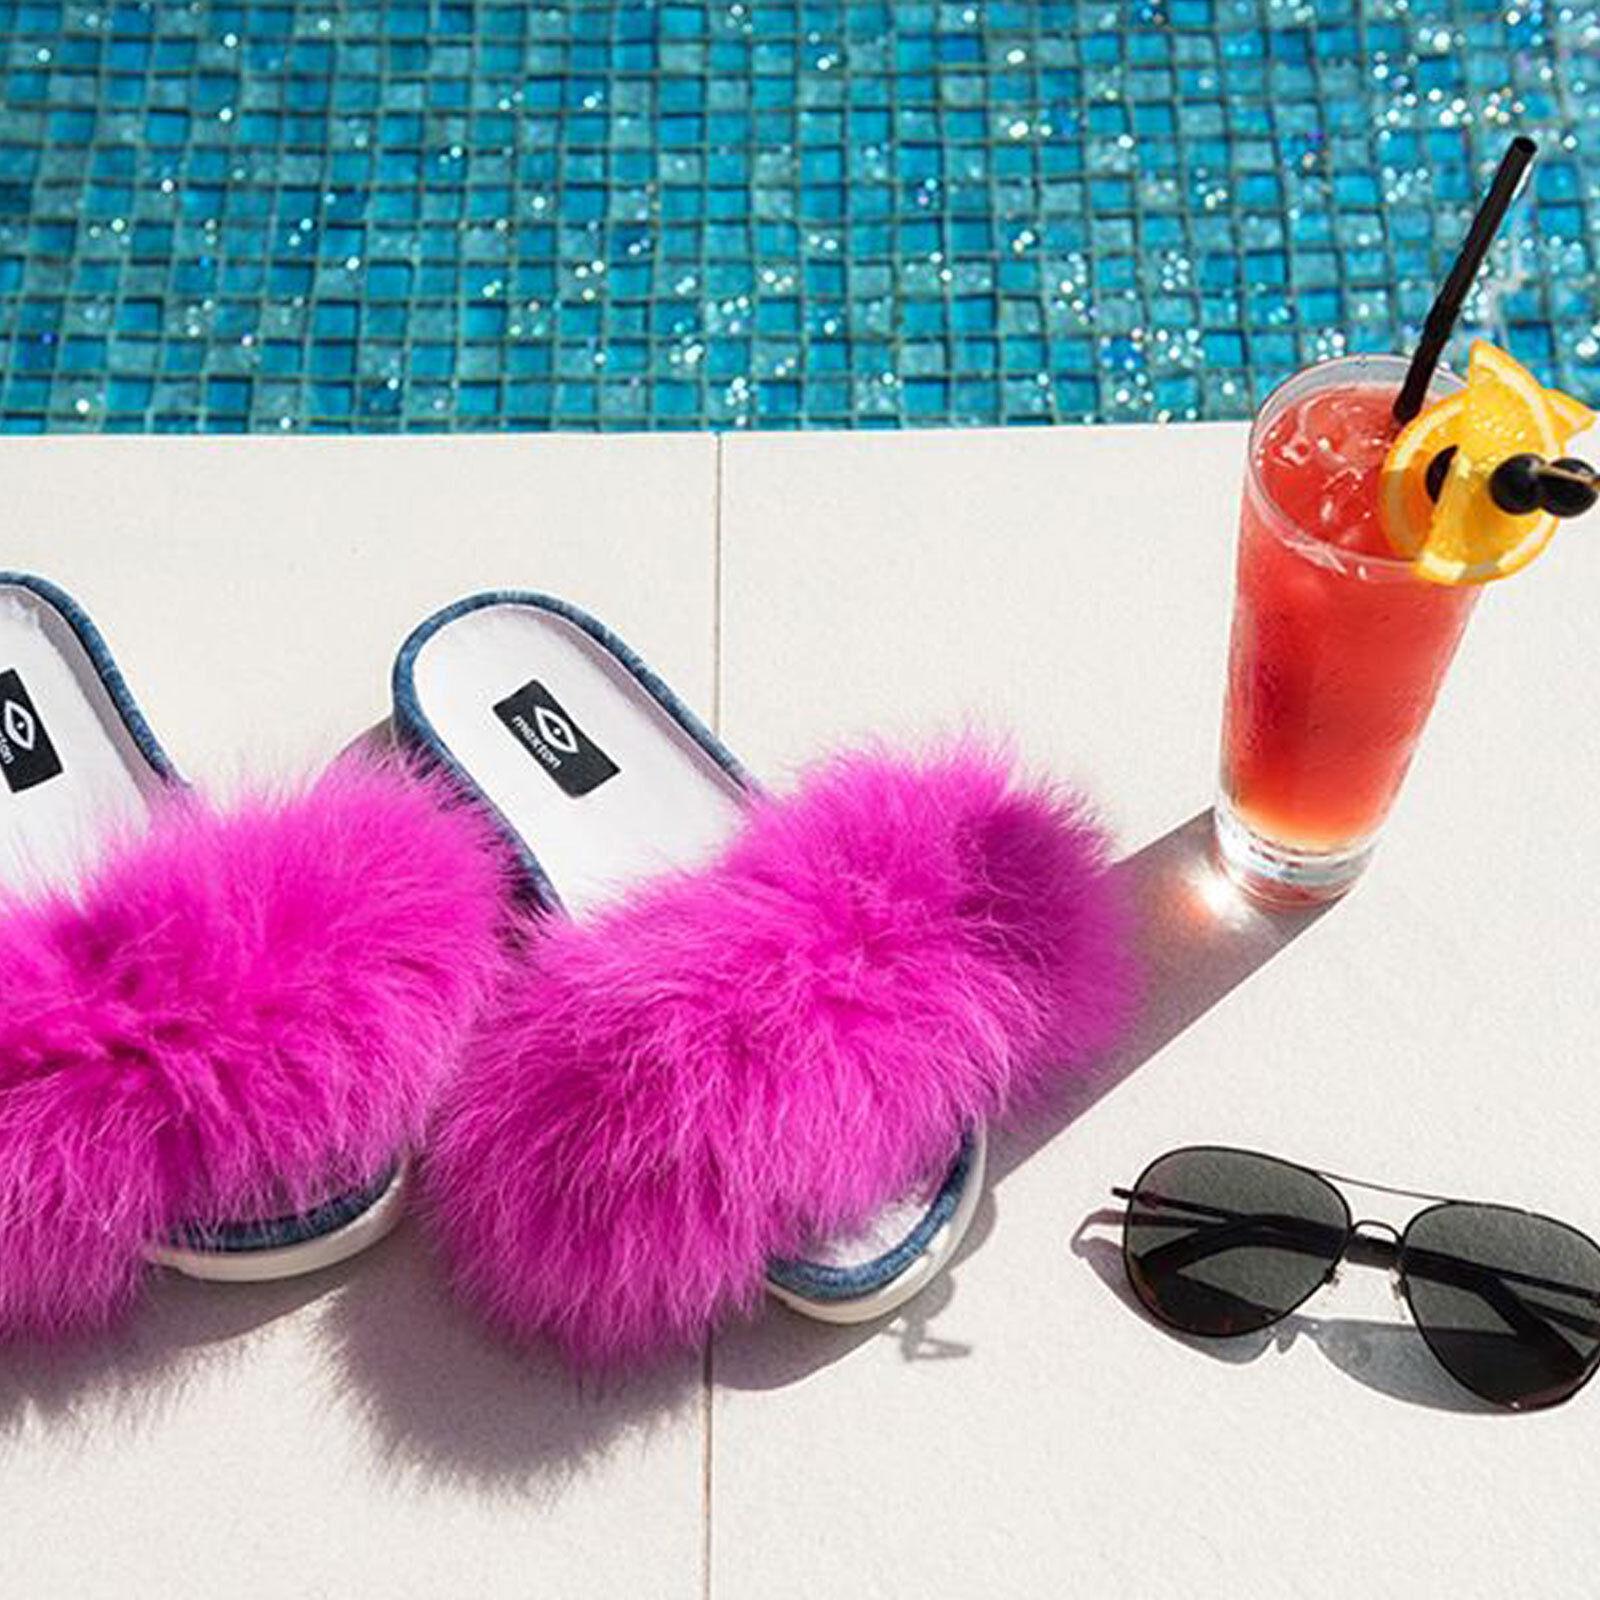 By alina sandalias plataforma zapatillas zapatillas zapatillas de casa Fell cola playa zapatos rosado 36-39  muchas sorpresas